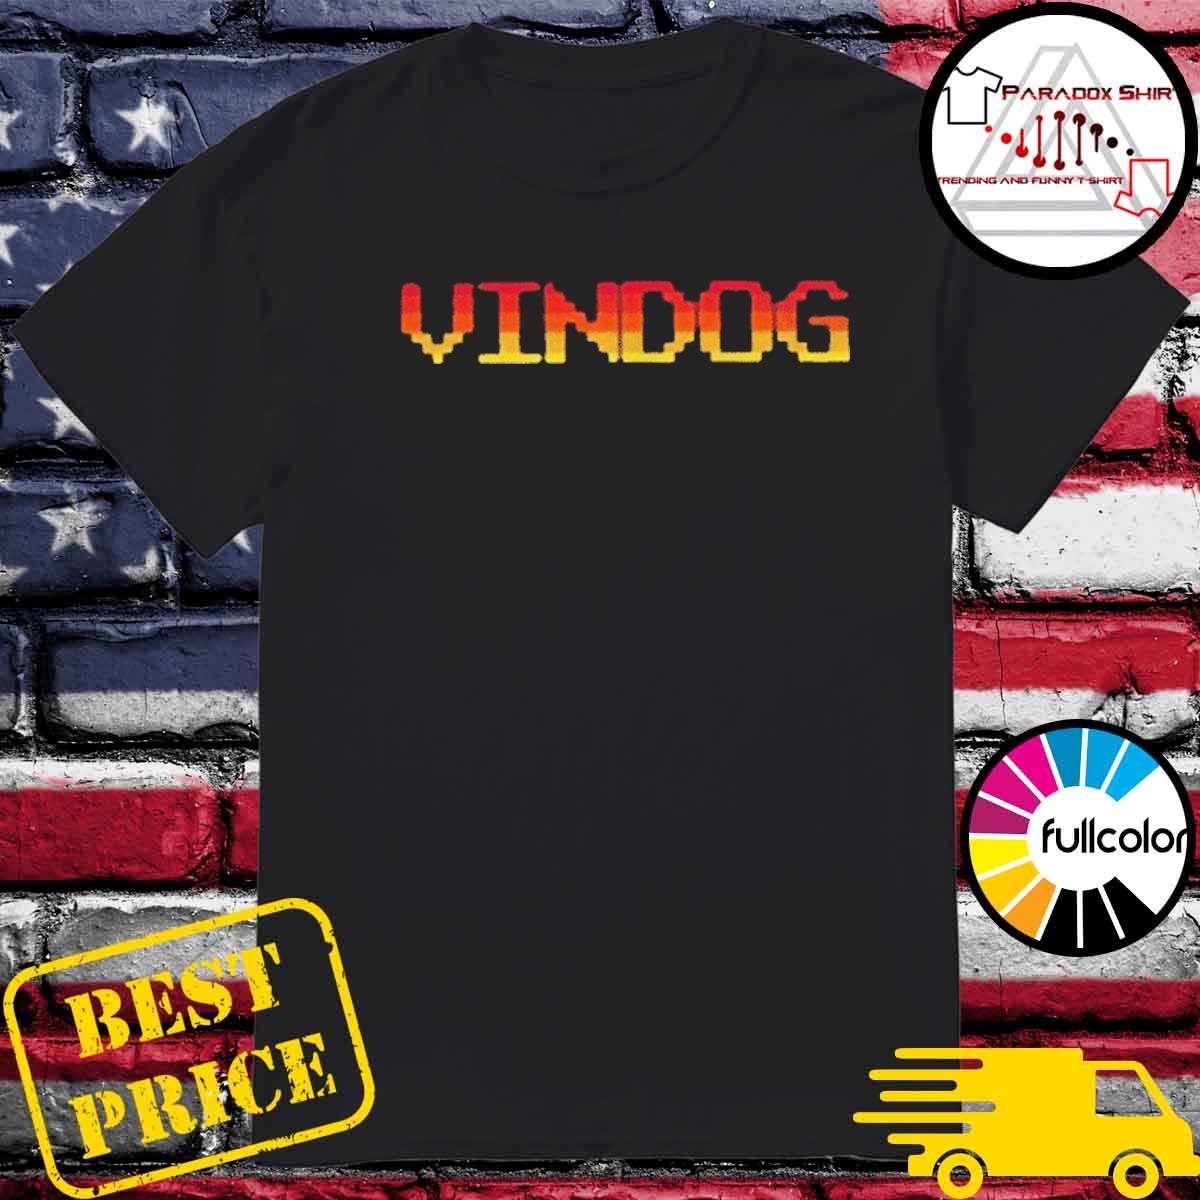 Vindog Retro shirt